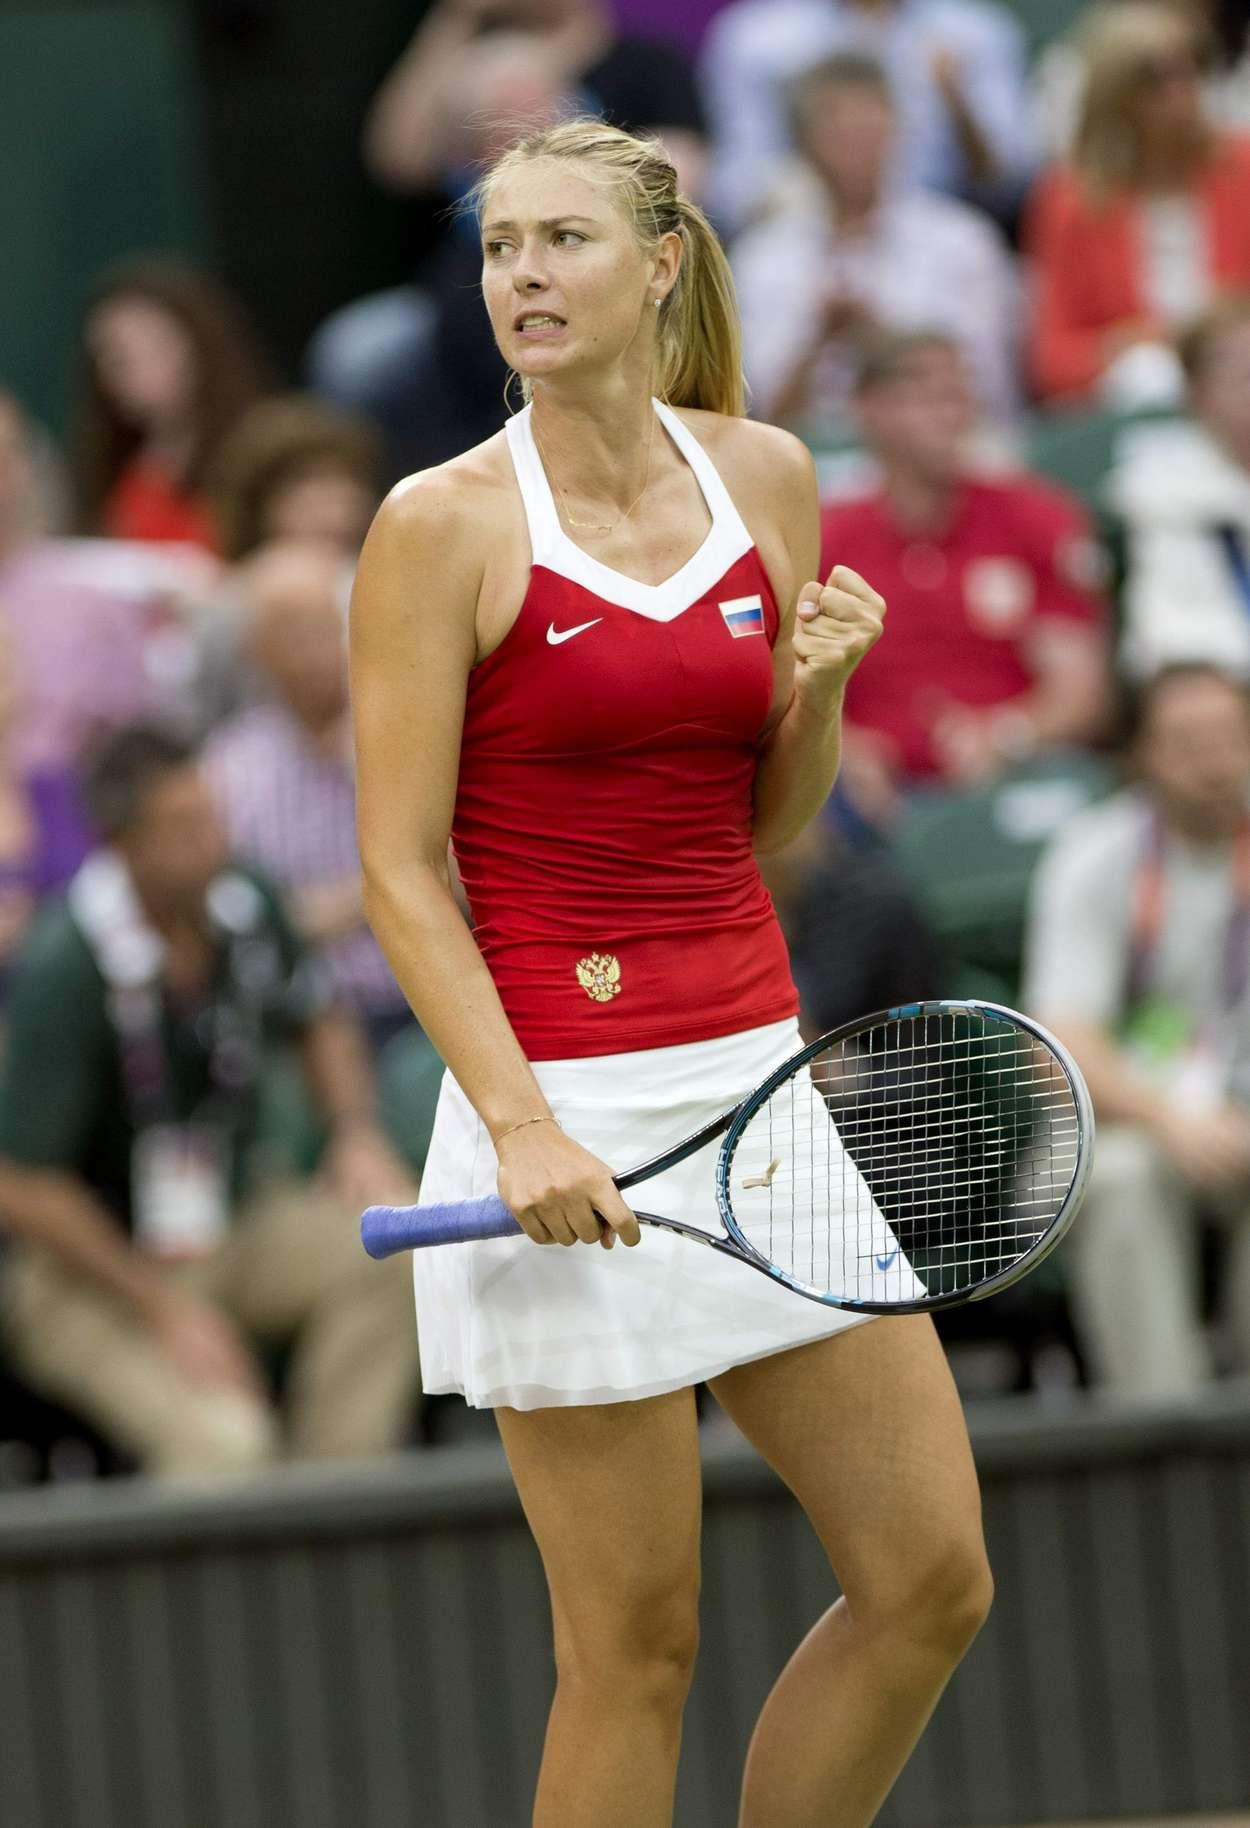 Maria Sharapova - 2012 Olympic Photos-16